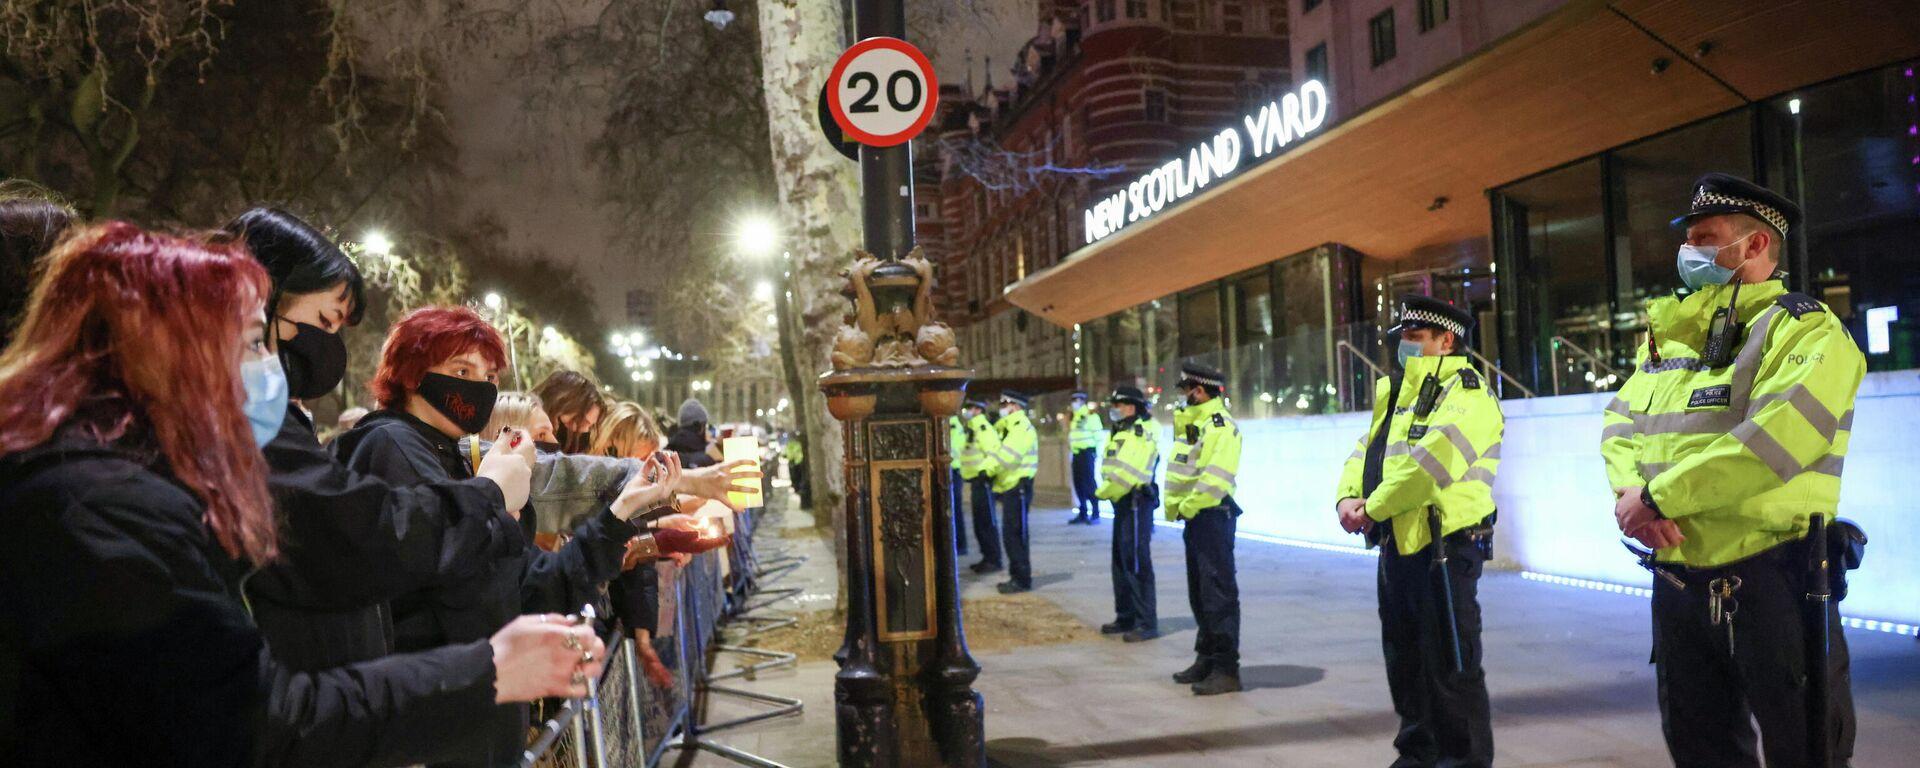 Протесты у здания Скотланд-Ярда в Лондоне после убийства Сары Эверард  - Sputnik Узбекистан, 1920, 16.03.2021